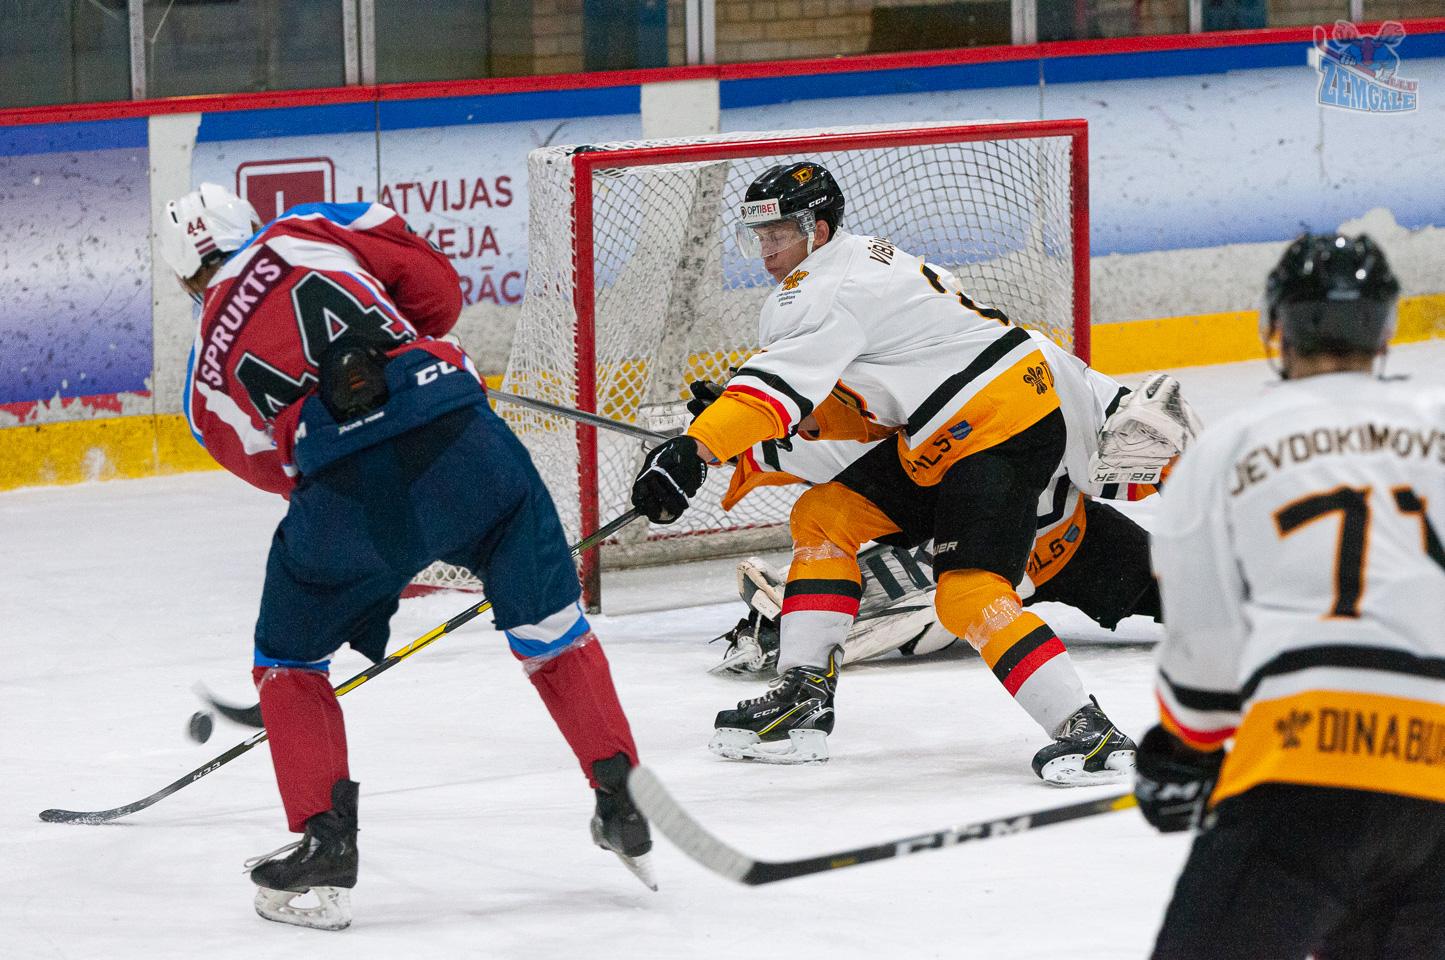 Hokejists Gatis Sprukts taisa ripu Dinaburga vārtos.